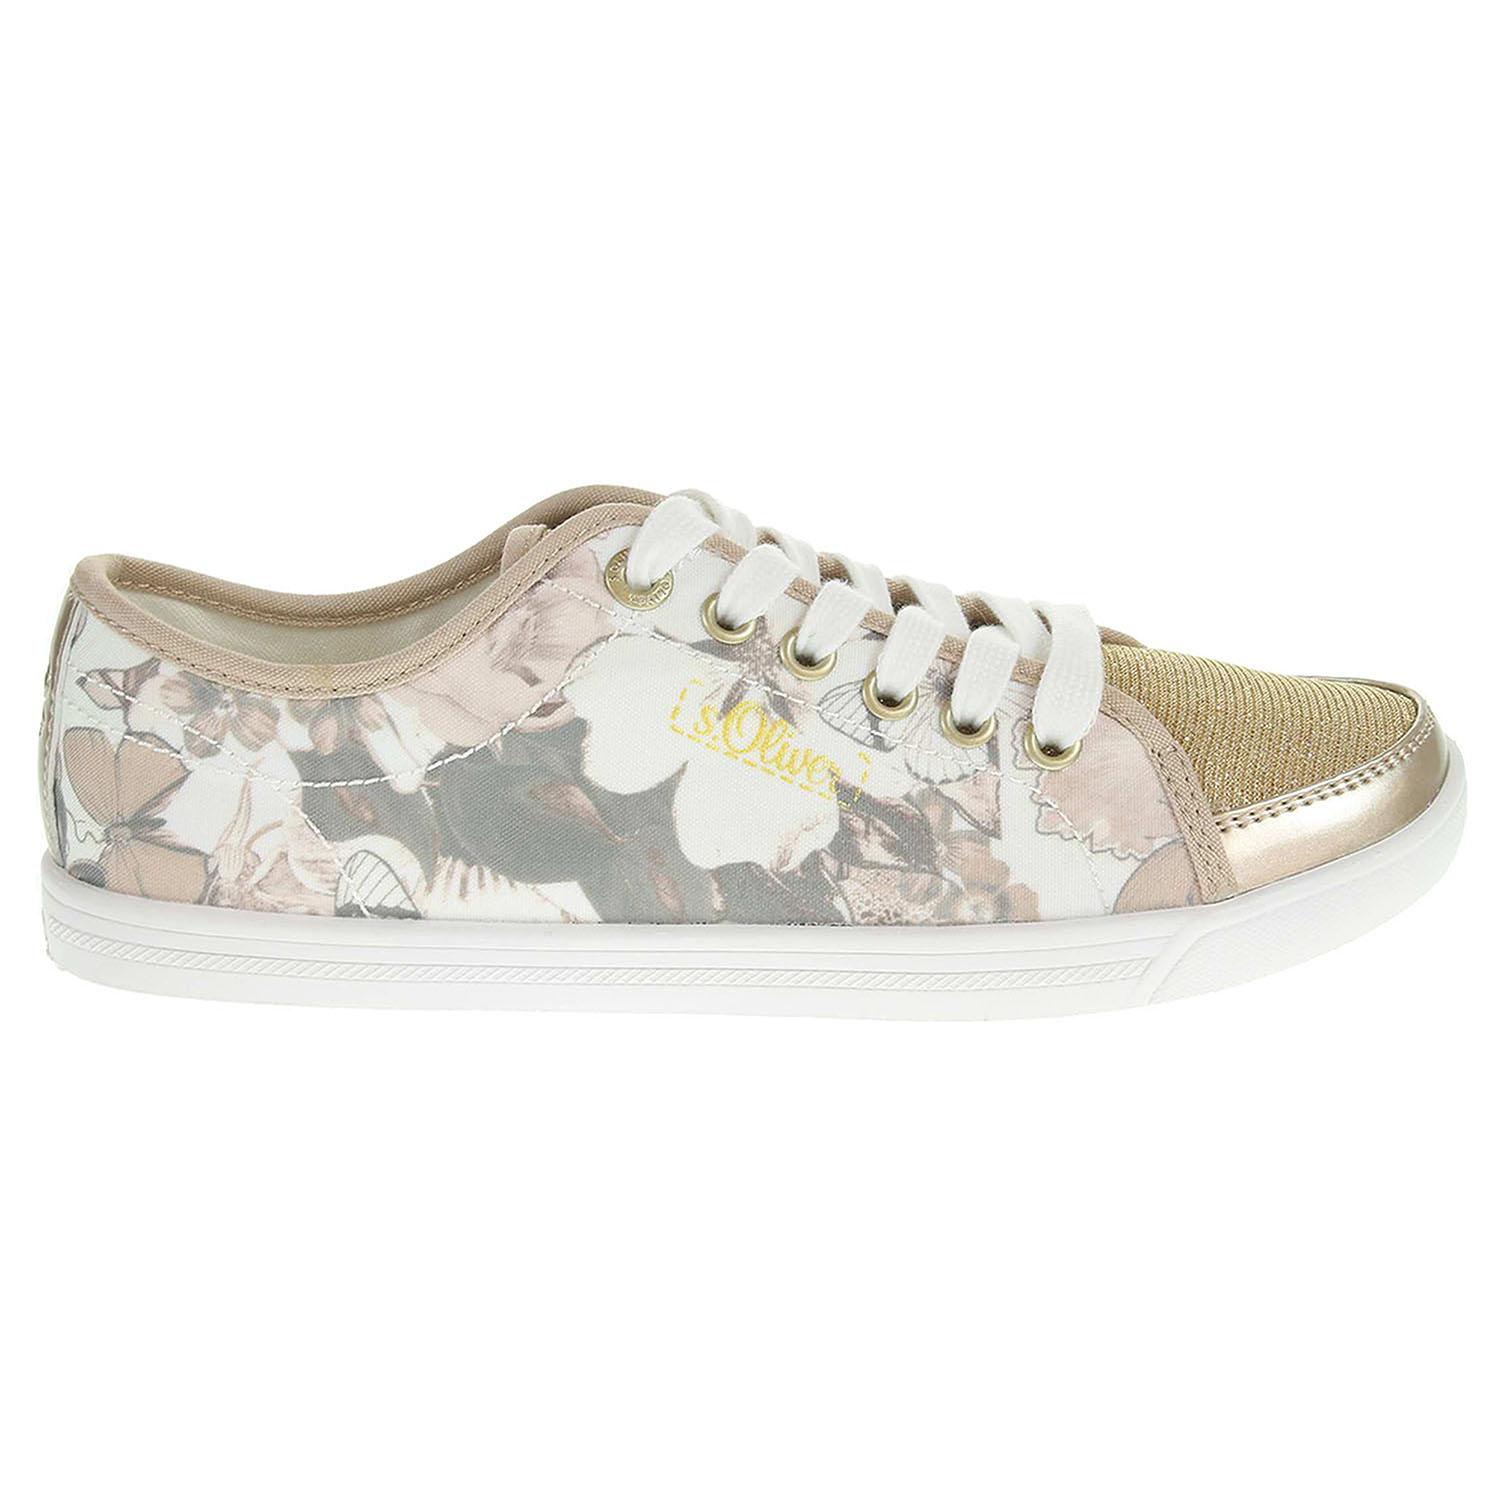 s.Oliver dámská obuv 5-23637-36 zlatá-béžová 39